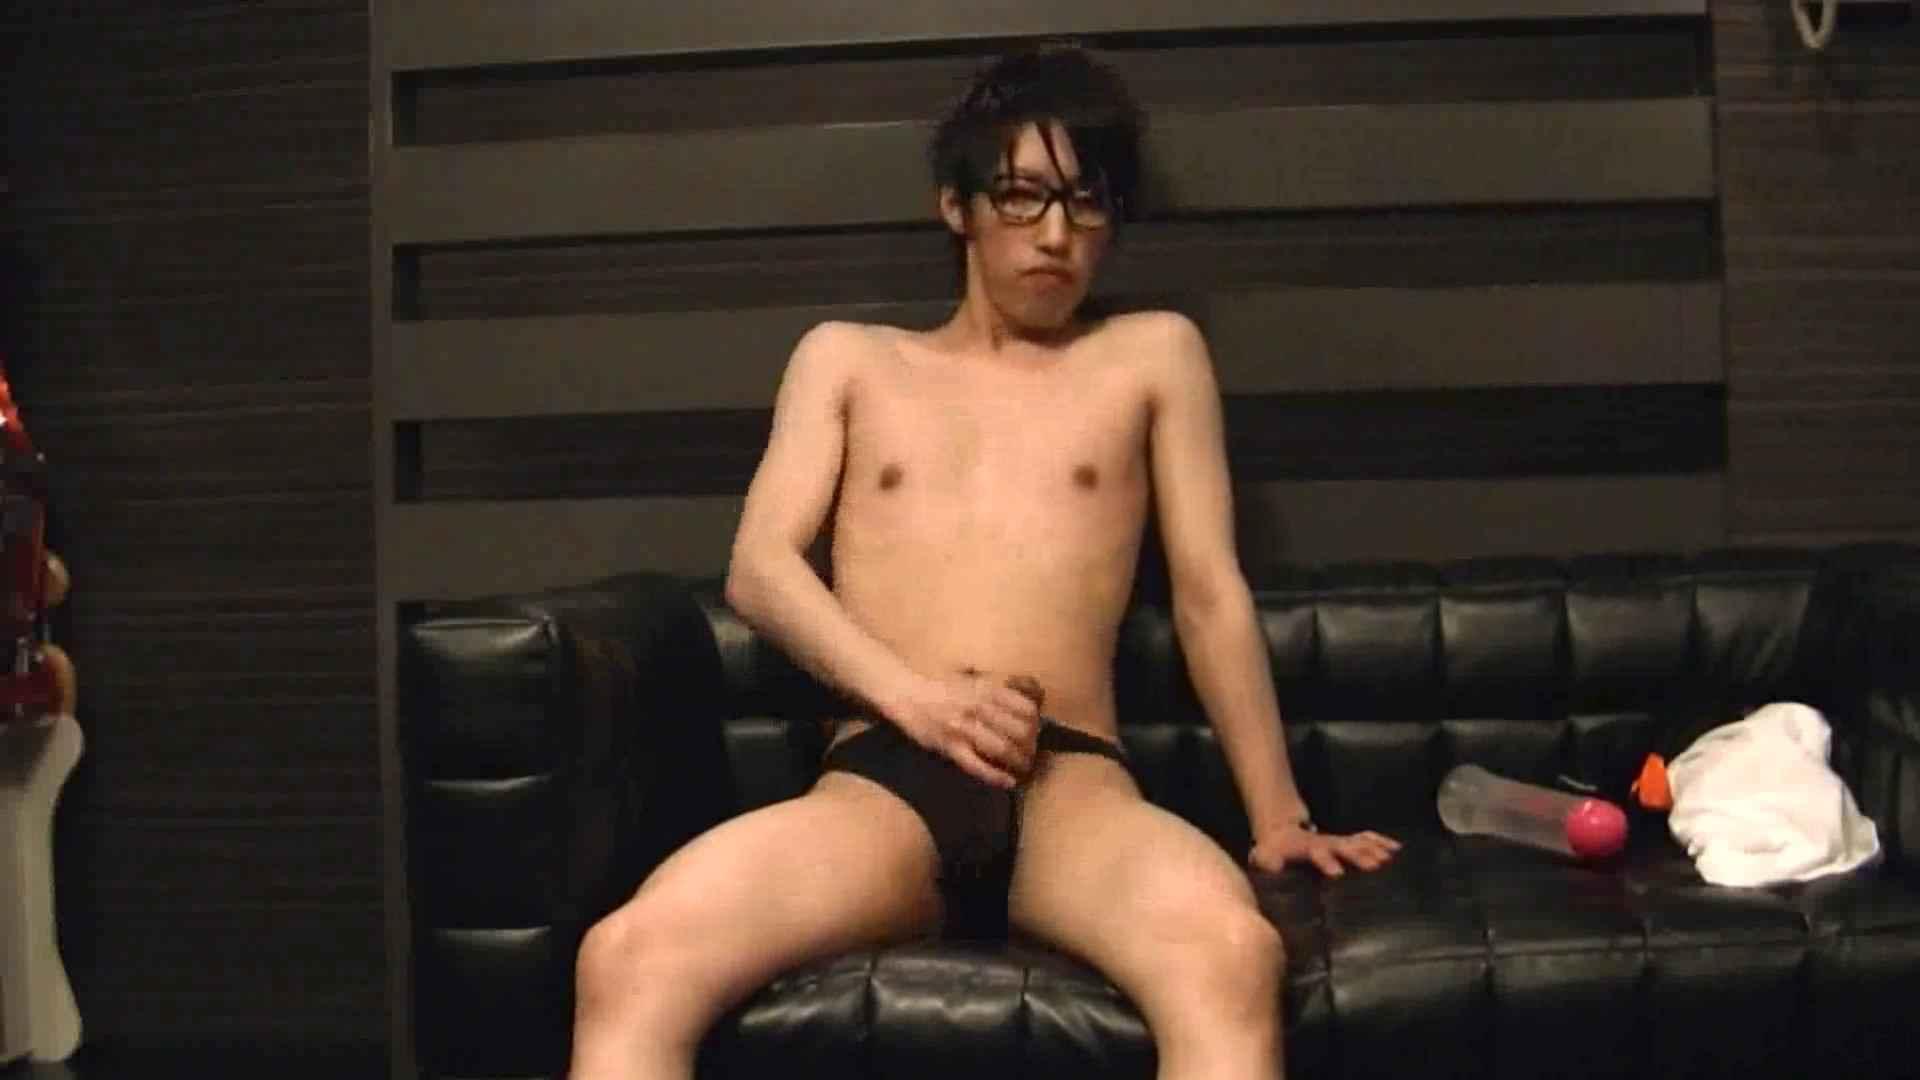 ONA見せカーニバル!! Vol3 男の世界 | オナニー専門男子  98画像 41